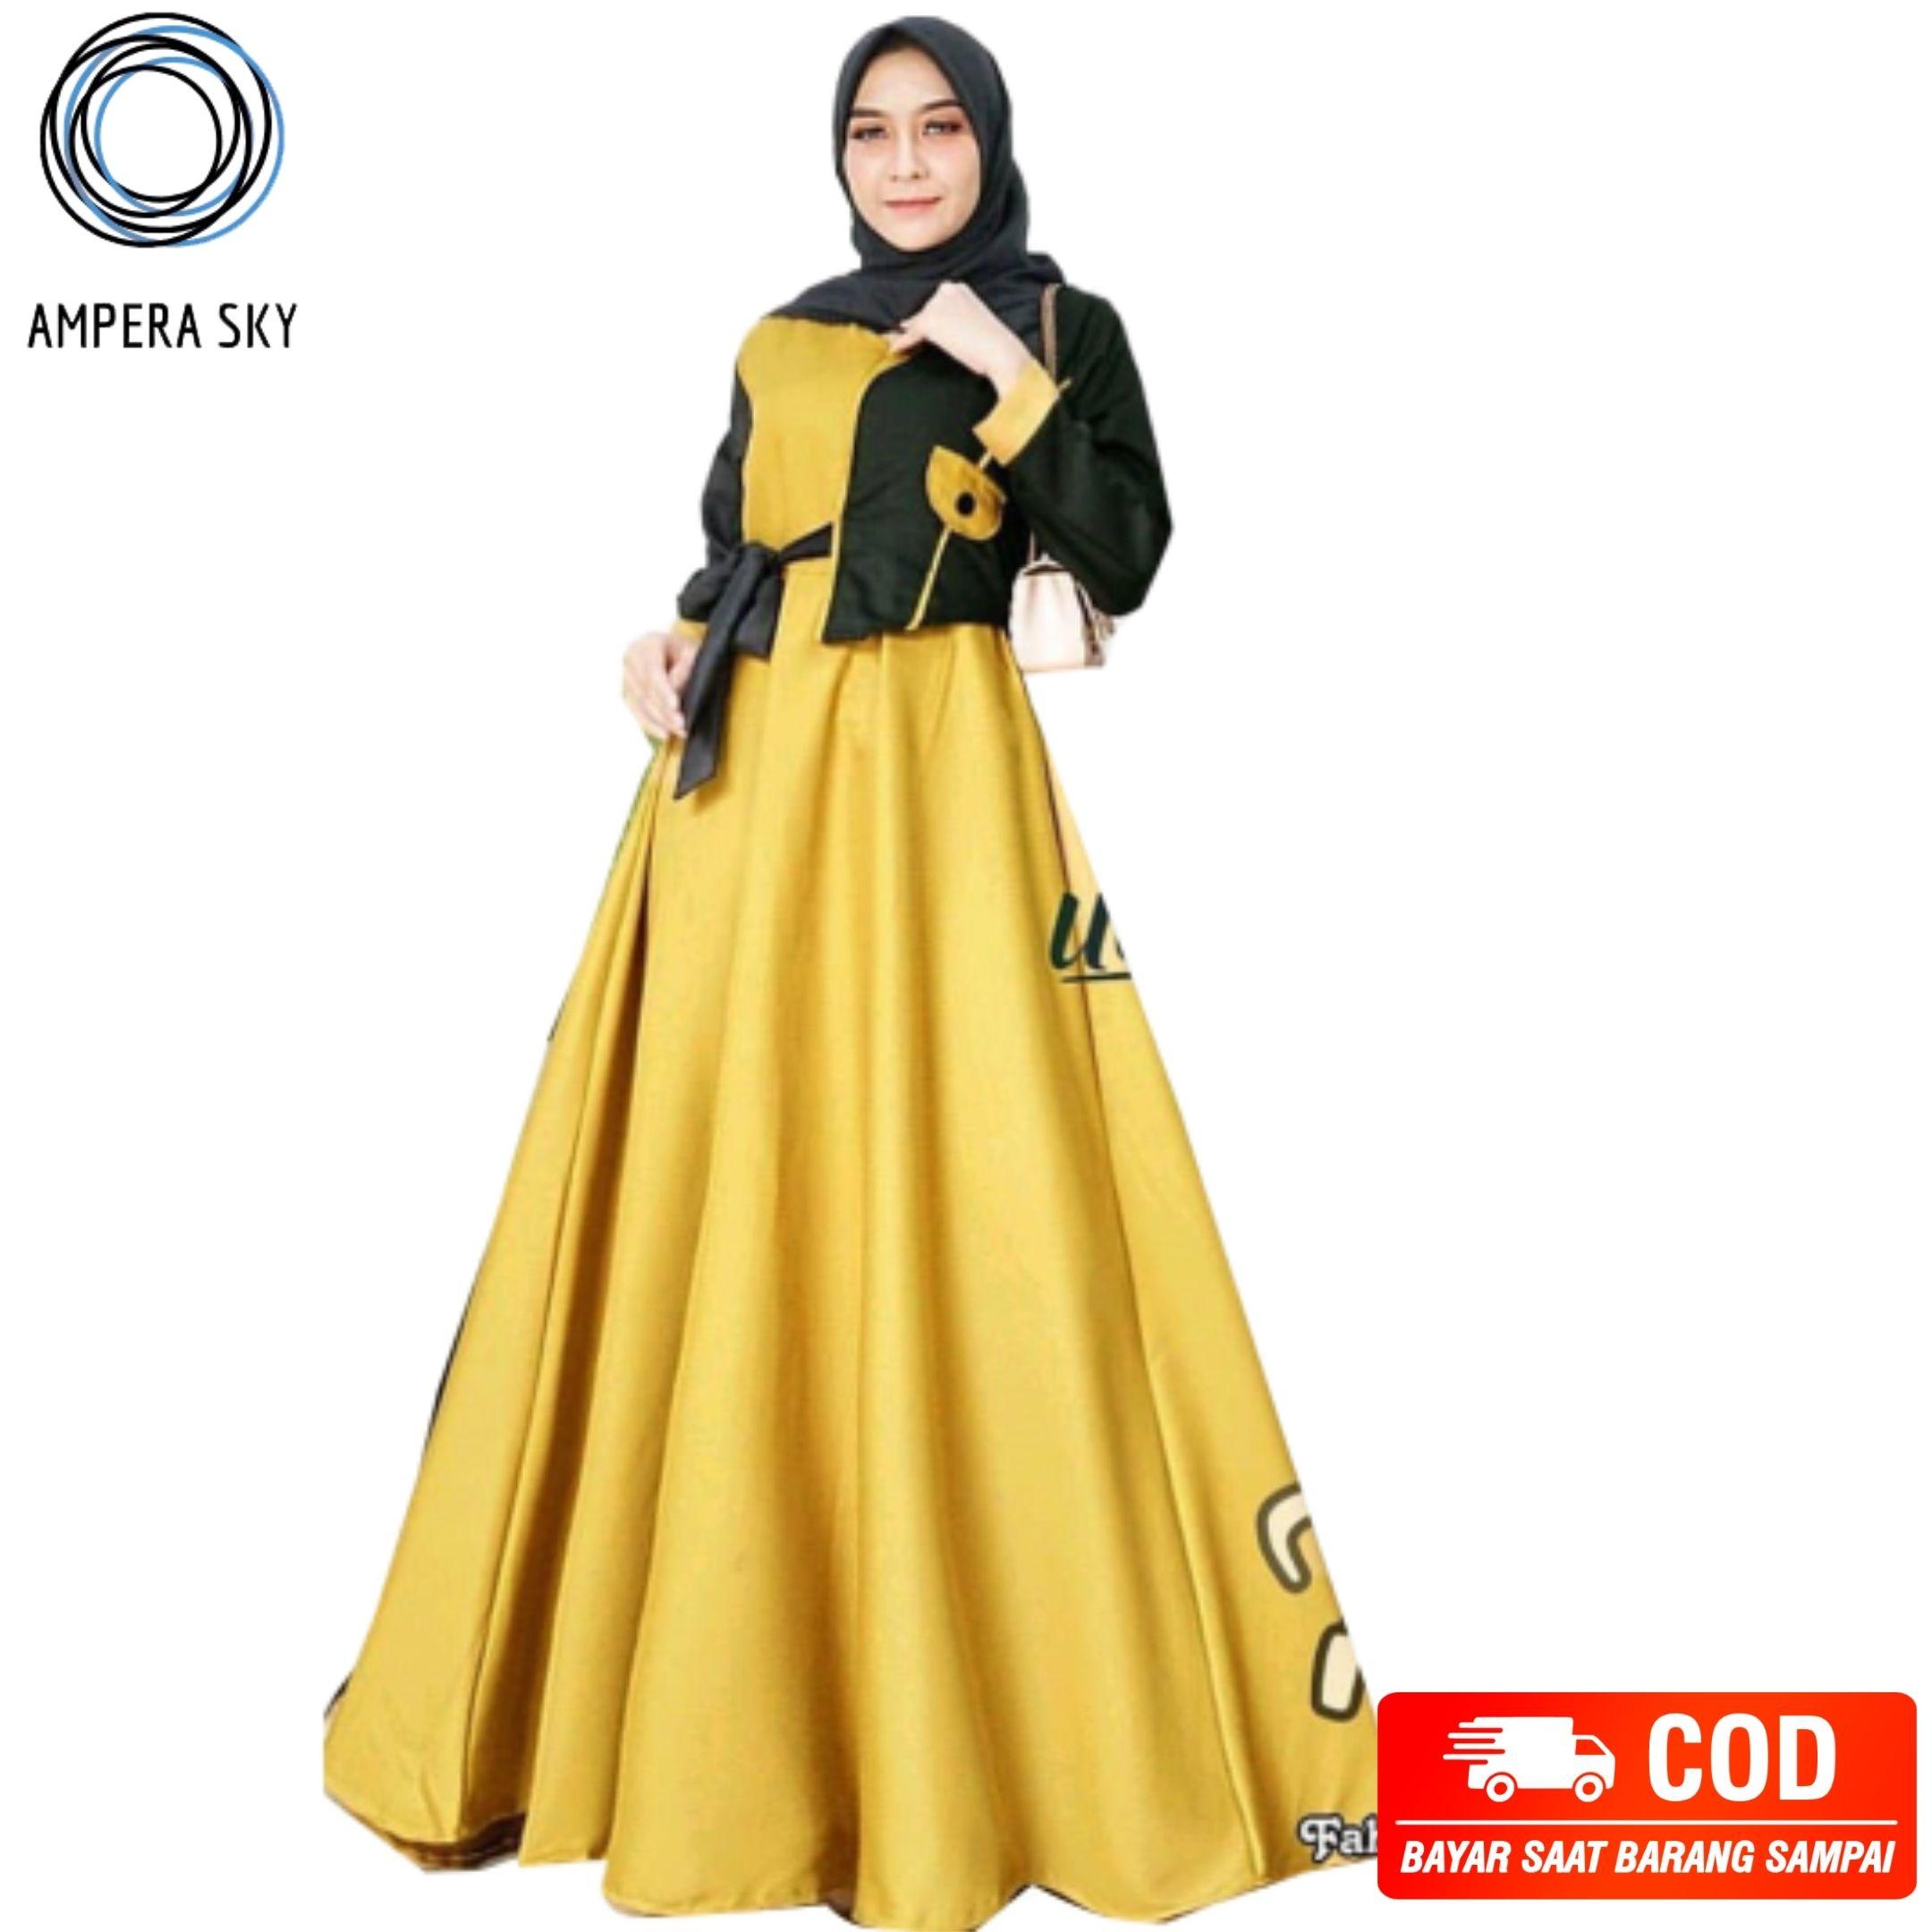 Gamis muslimah tamera dress / Baju gamis wanita terbaru 8 / Baju gamis  wanita simple elegan / Baju kondangan wanita / Gamis wanita dewasa / Gamis